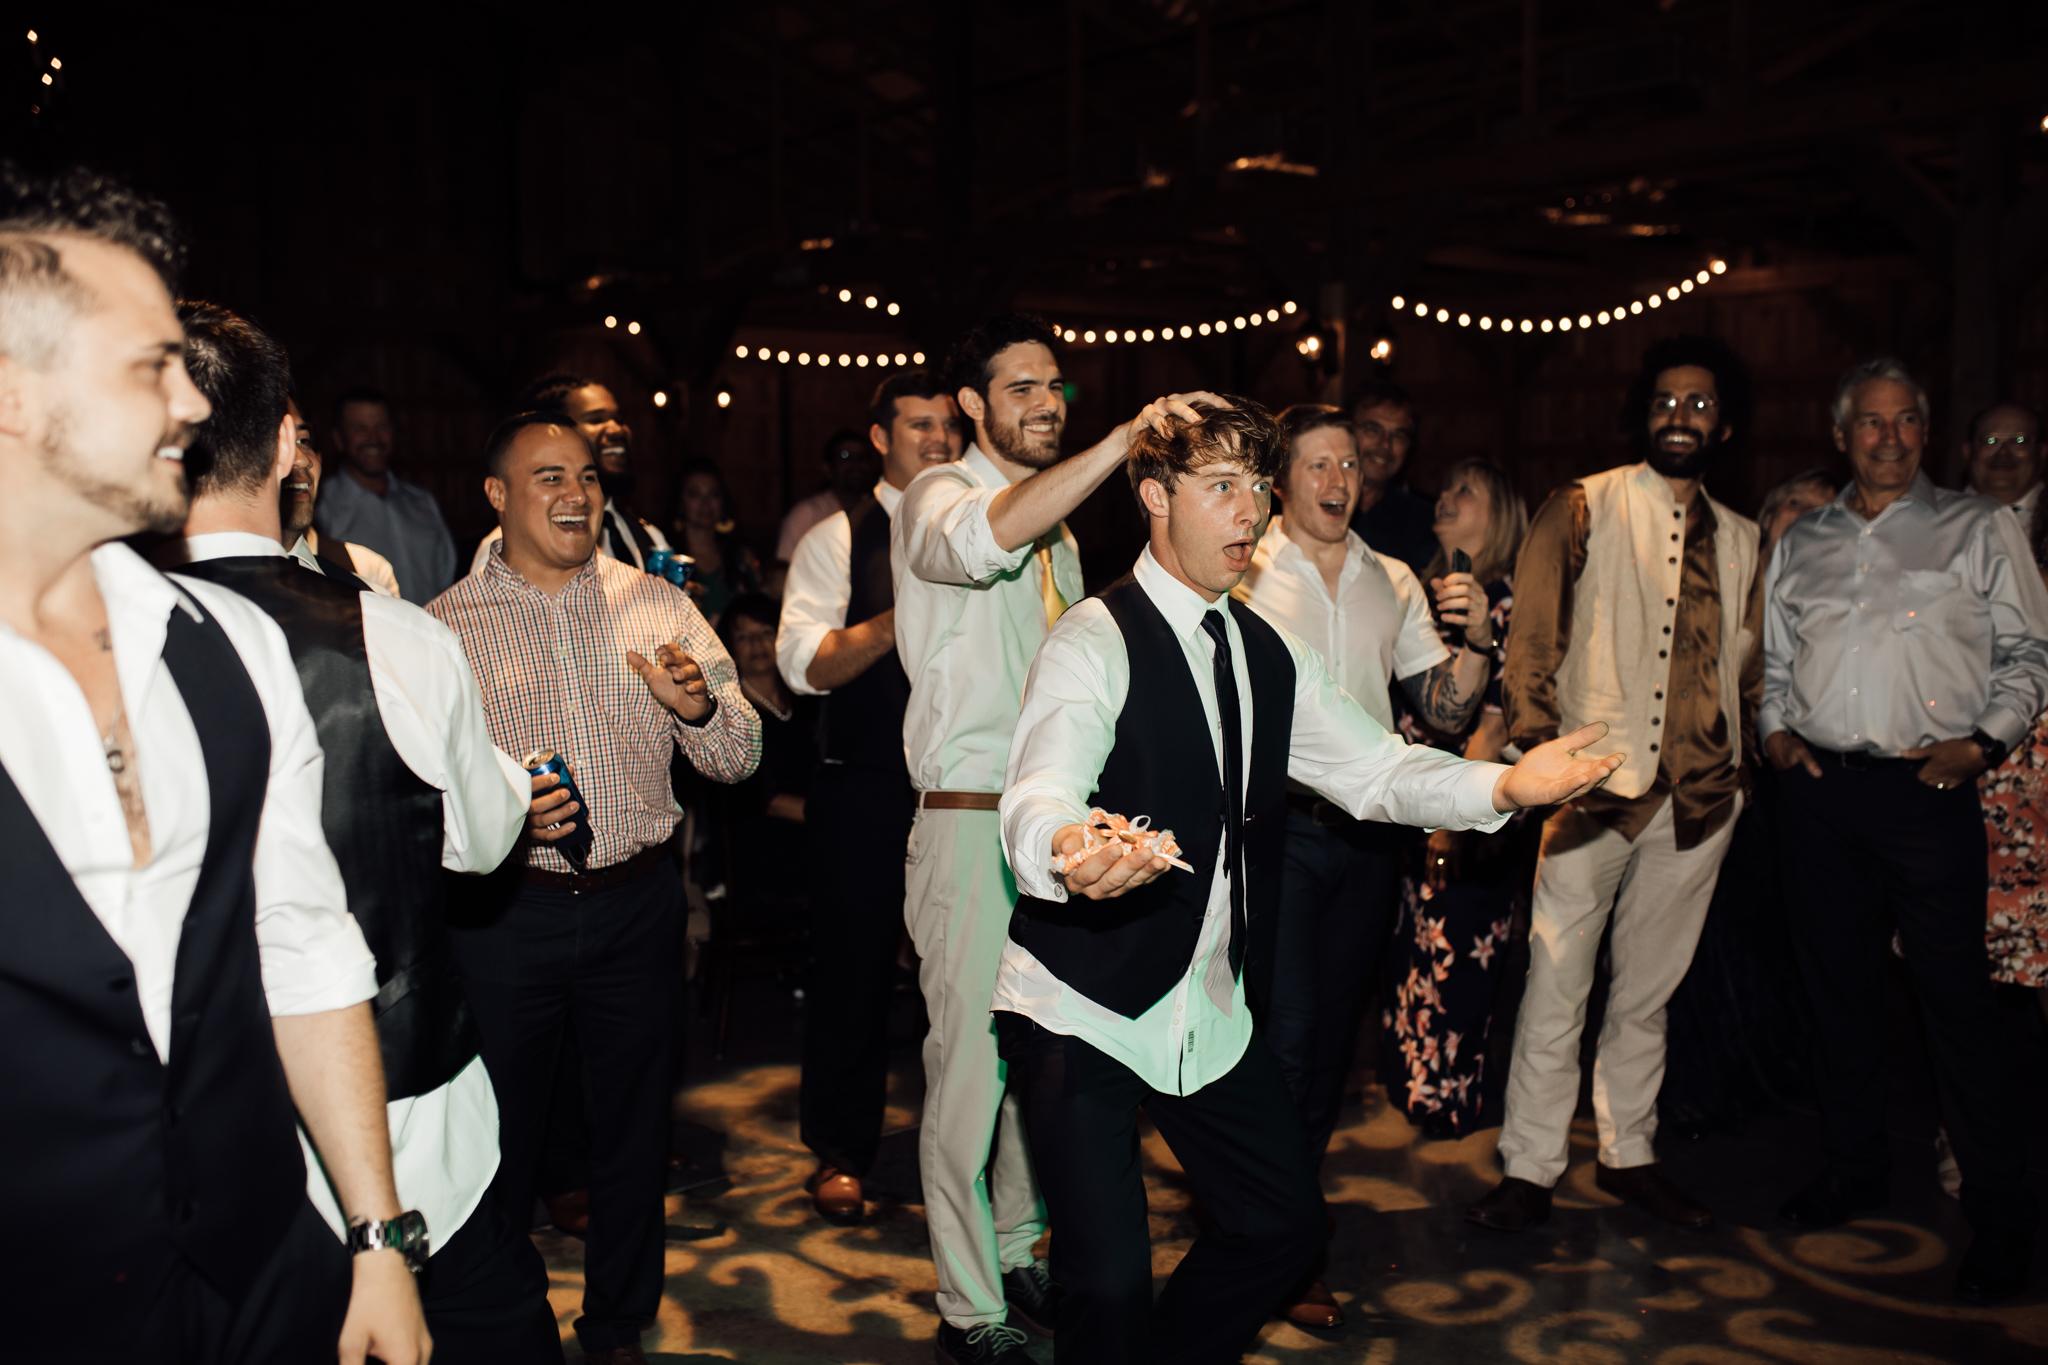 saddlewoodsfarms-nashville-wedding-photographer-thewarmtharoundyou-rustic-wedding (236 of 251).jpg